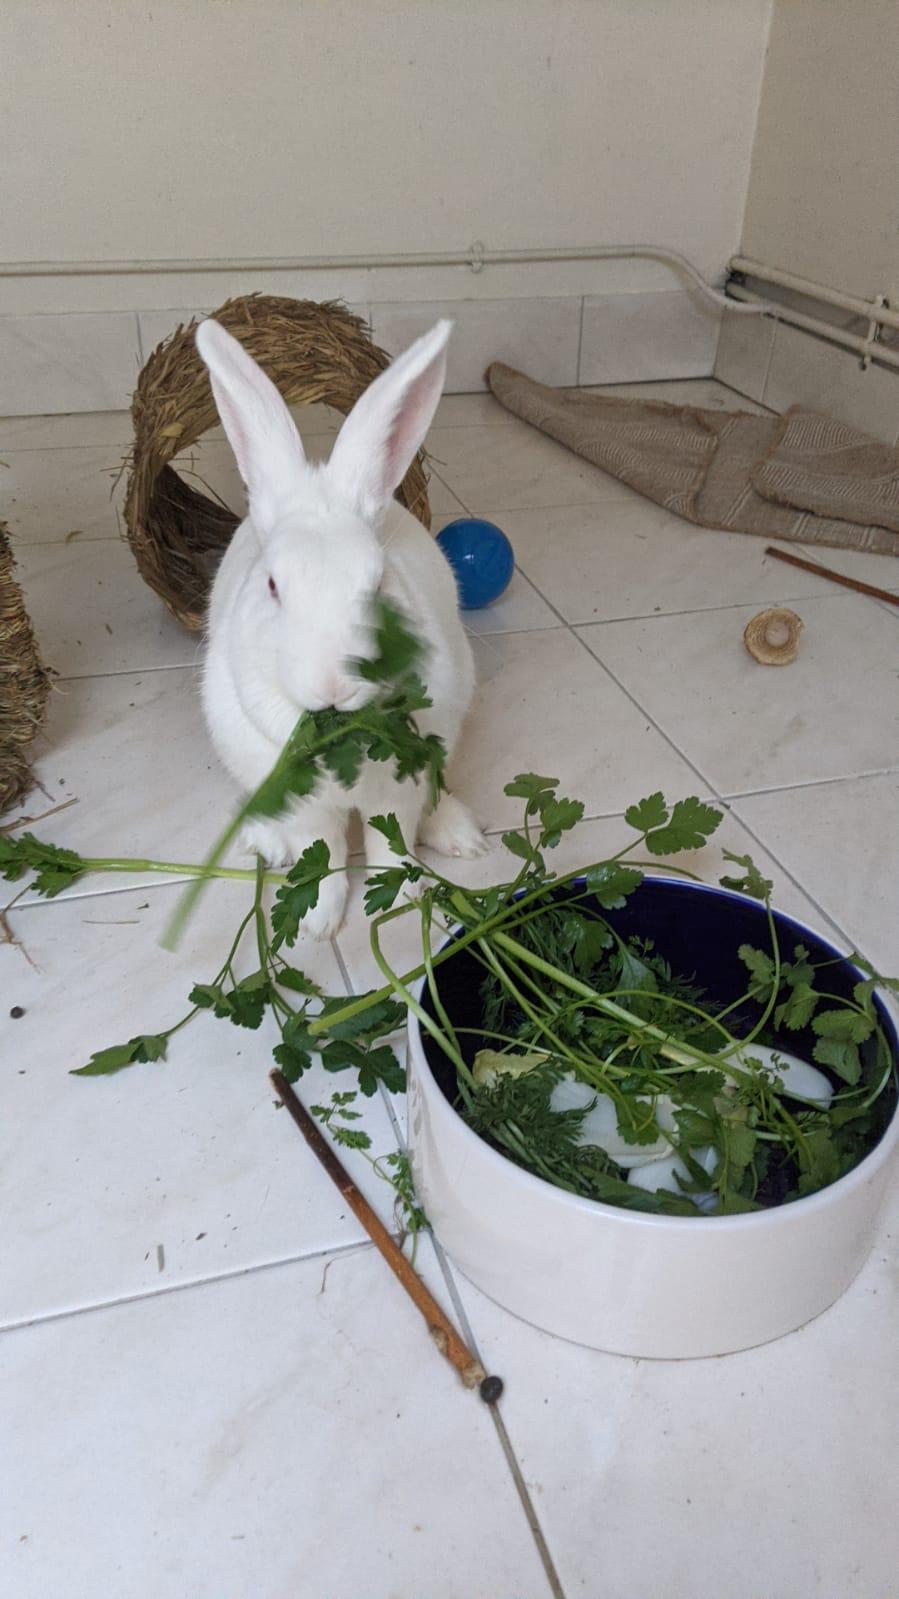 [White Rabbit]Lapins réhabilités de laboratoire à parrainer  - Page 2 Photo_83